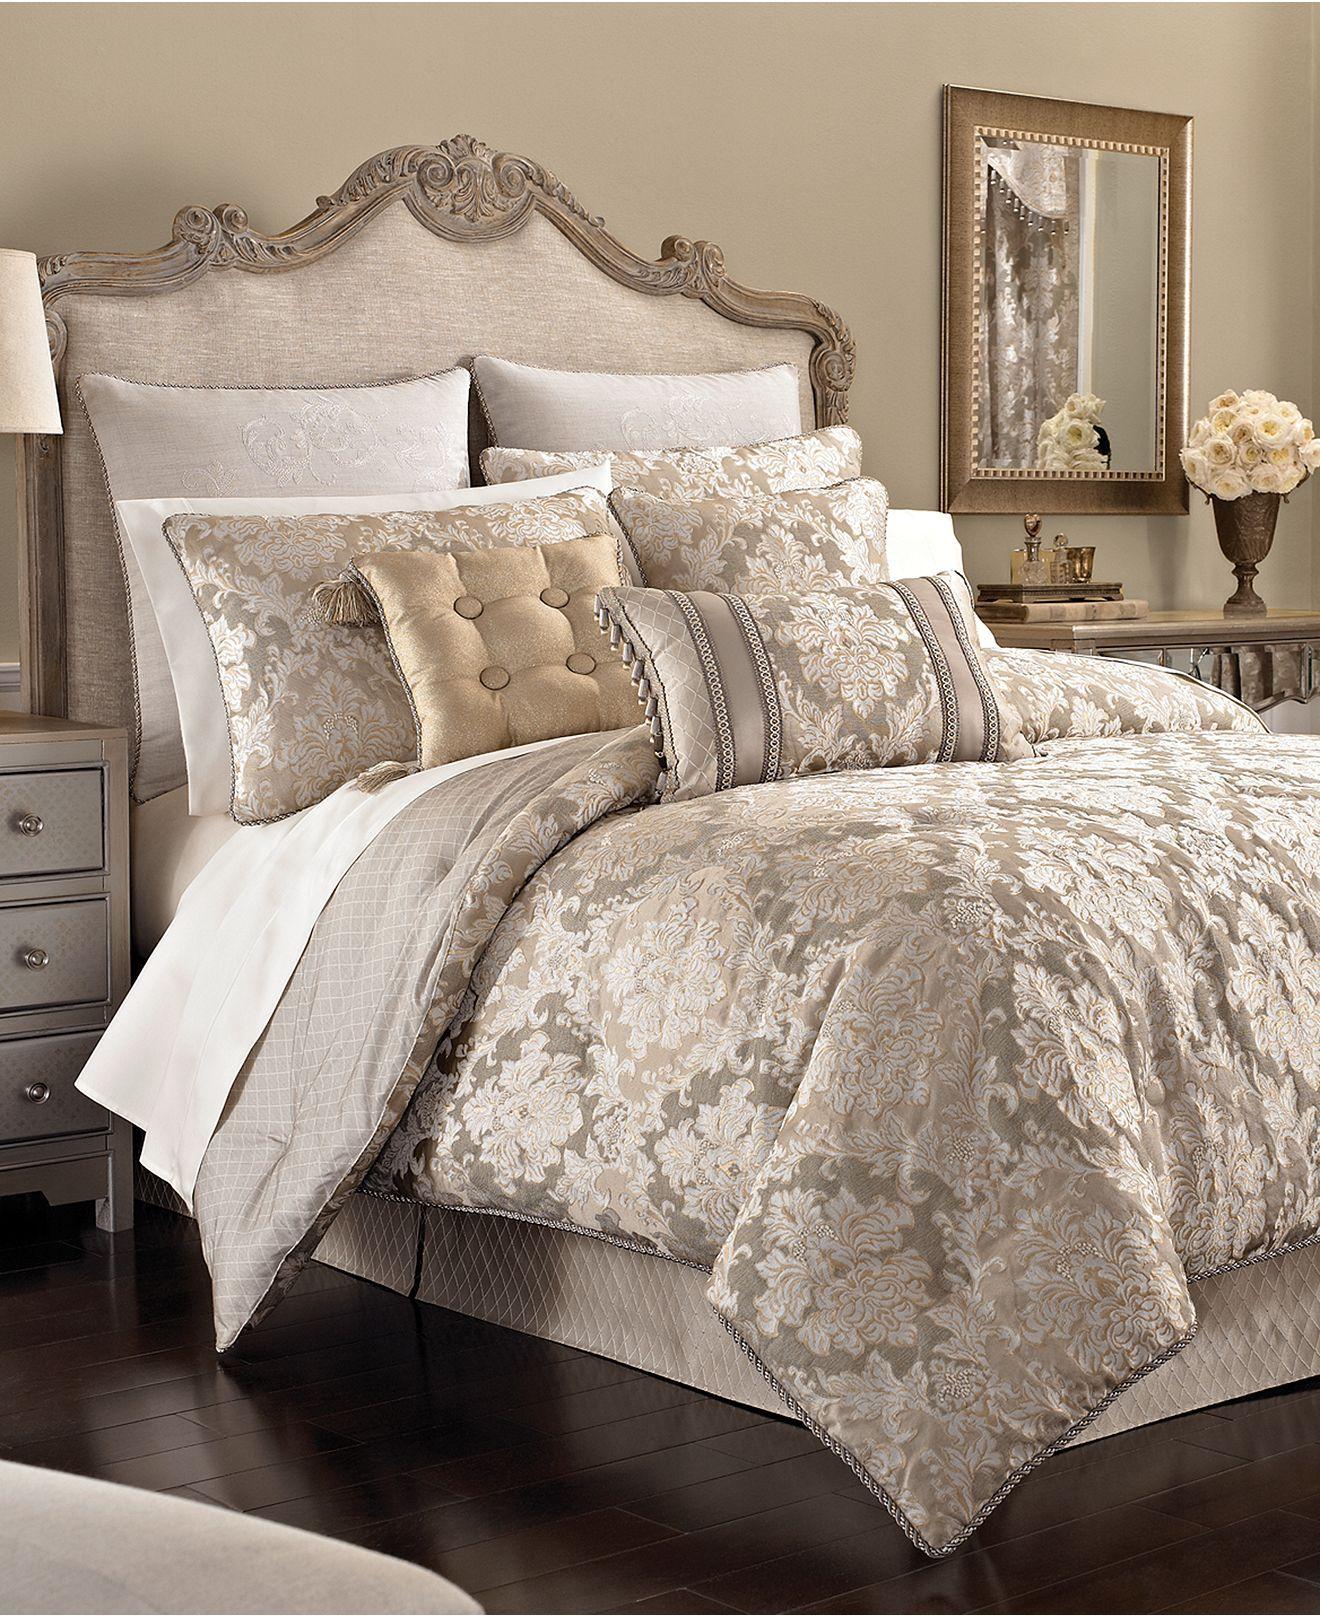 Croscill Bedding, Ava Comforter Sets